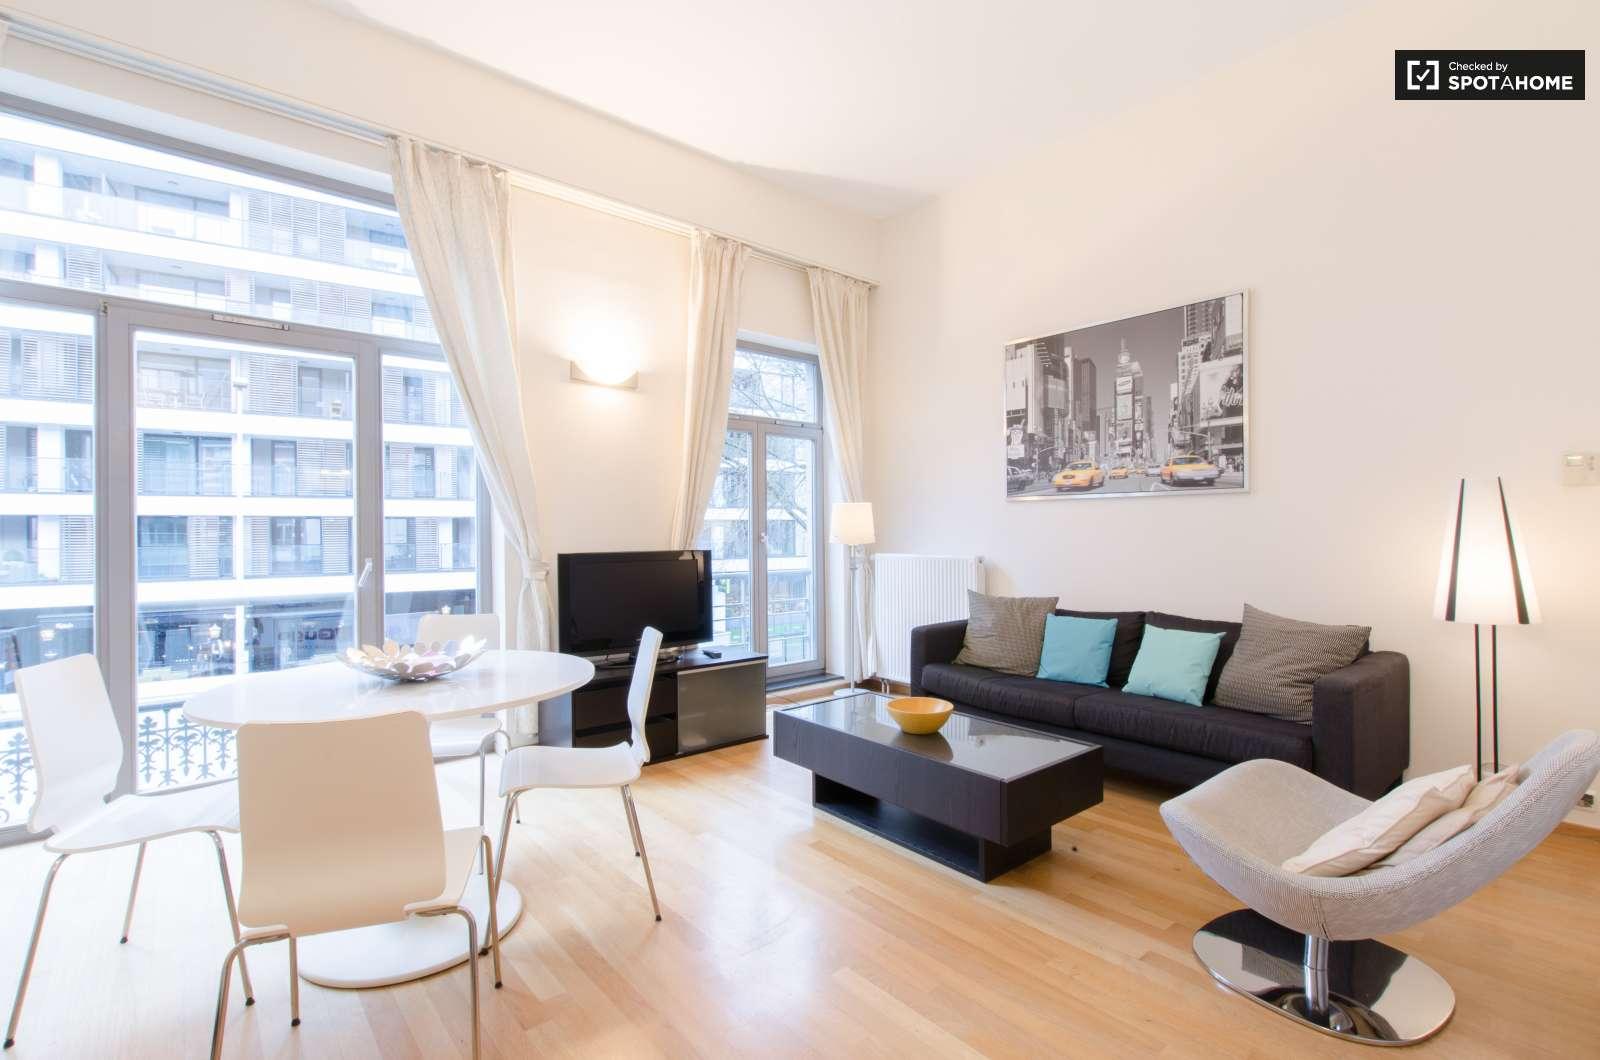 Appartement de 1 chambre louer avec balcon maelbeek bruxelles ref 124467 spotahome - Appartement 1 chambre a louer bruxelles ...